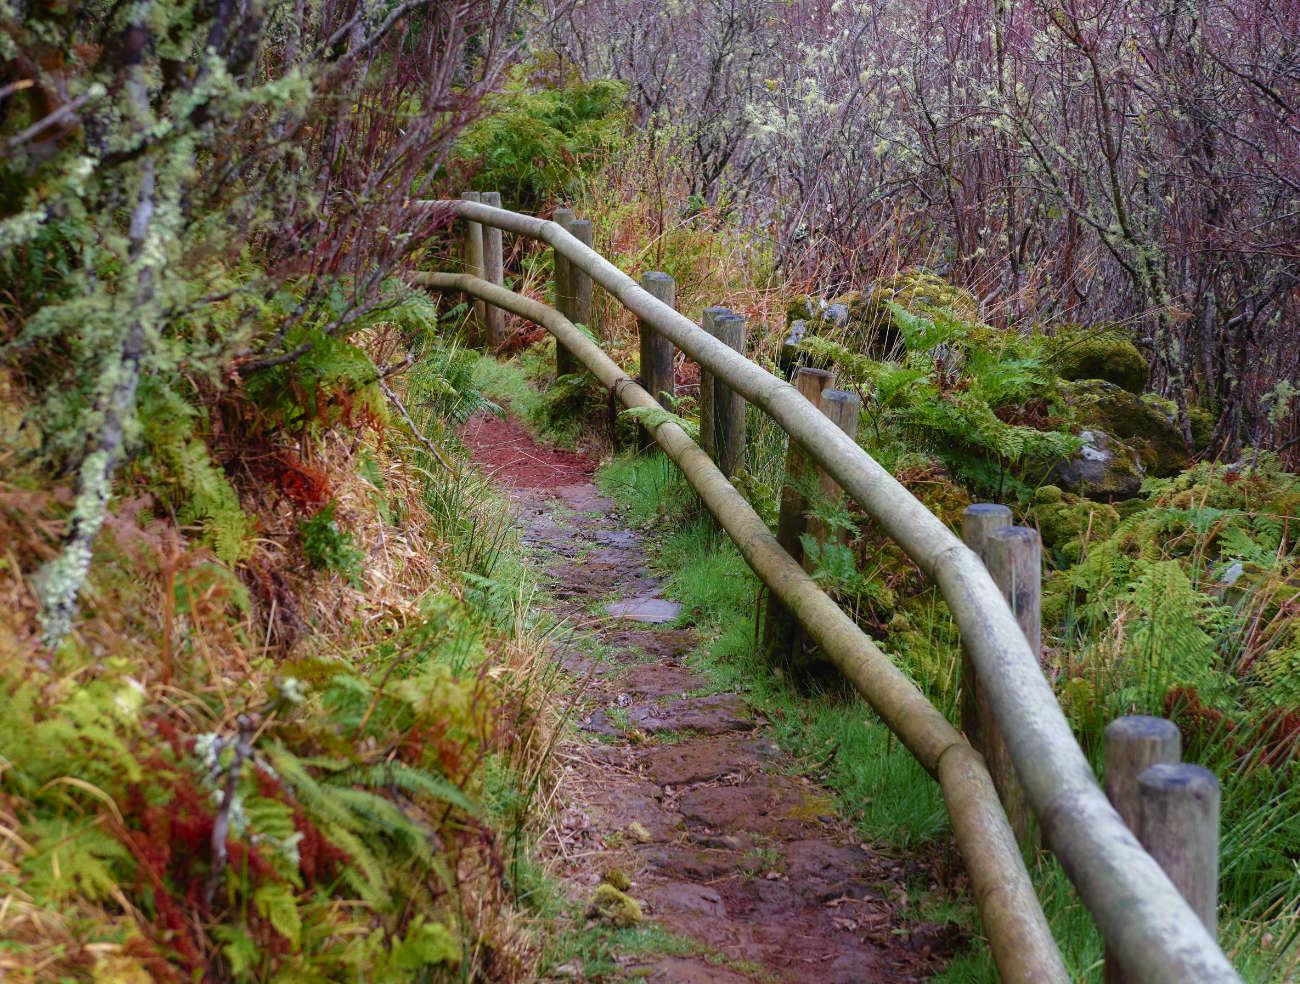 Furnas do Enxofre Terceira Azores